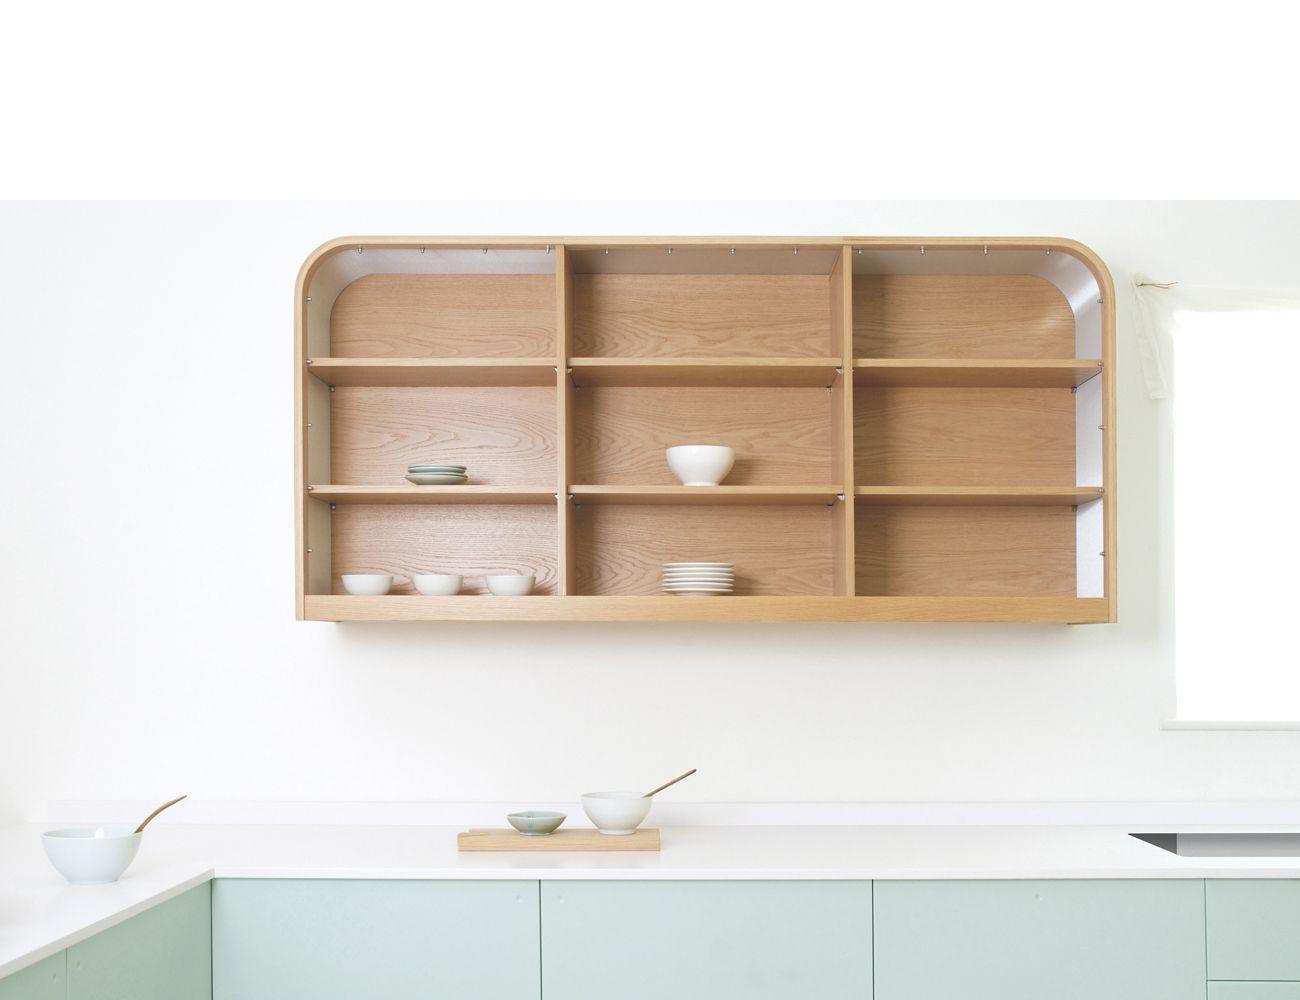 Küchen-designmöbel a flight of fancy  the air kitchen range by devol  decospaces